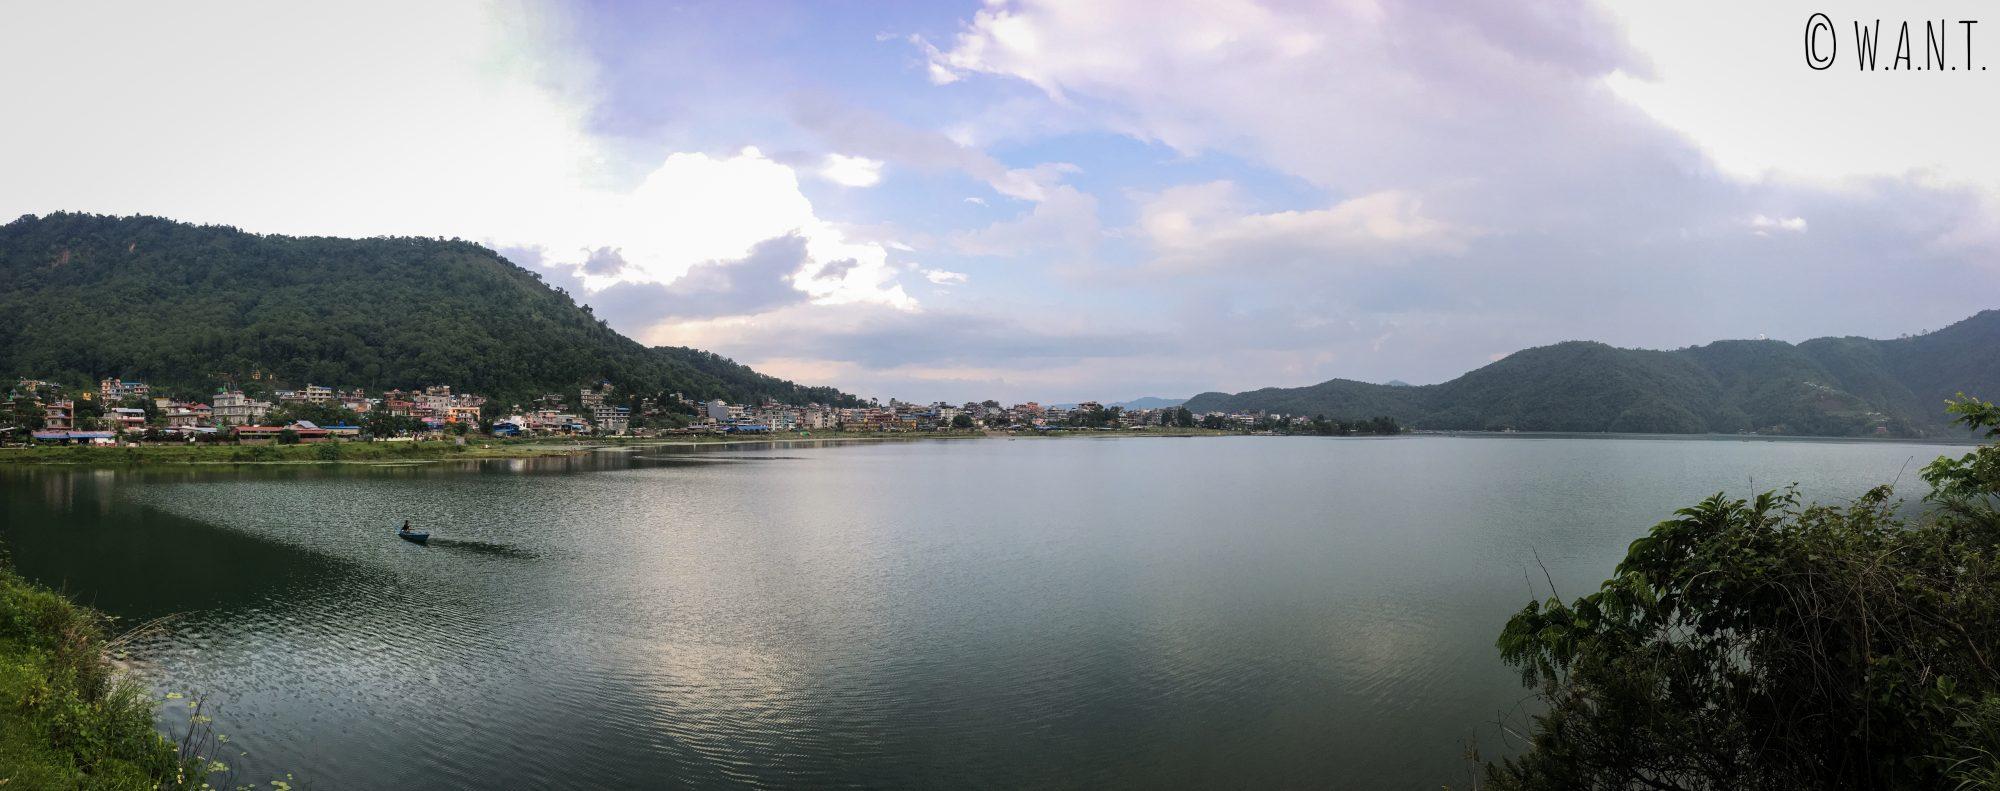 Panorama offrant une vue sur les bords du lac Fewa de Pokhara